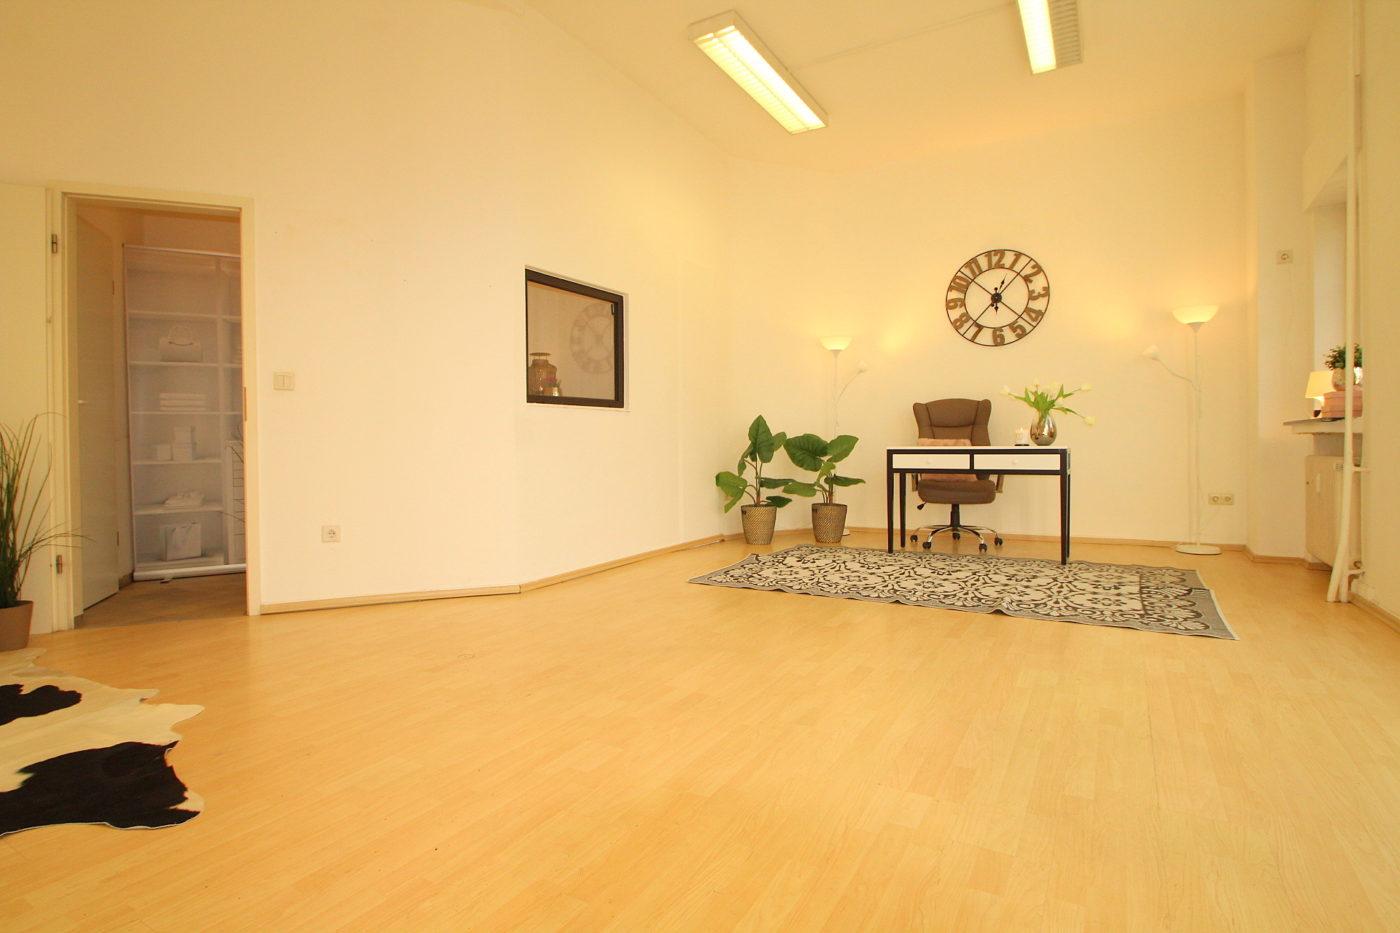 Zeigen Sie mit Blickfang Home Staging das volle Potenzial Ihrer Immobilie. Home Staging lohnt sich auch bei kleinen Flächen wie dieser kleinen Gewerbeeinheit in Soest